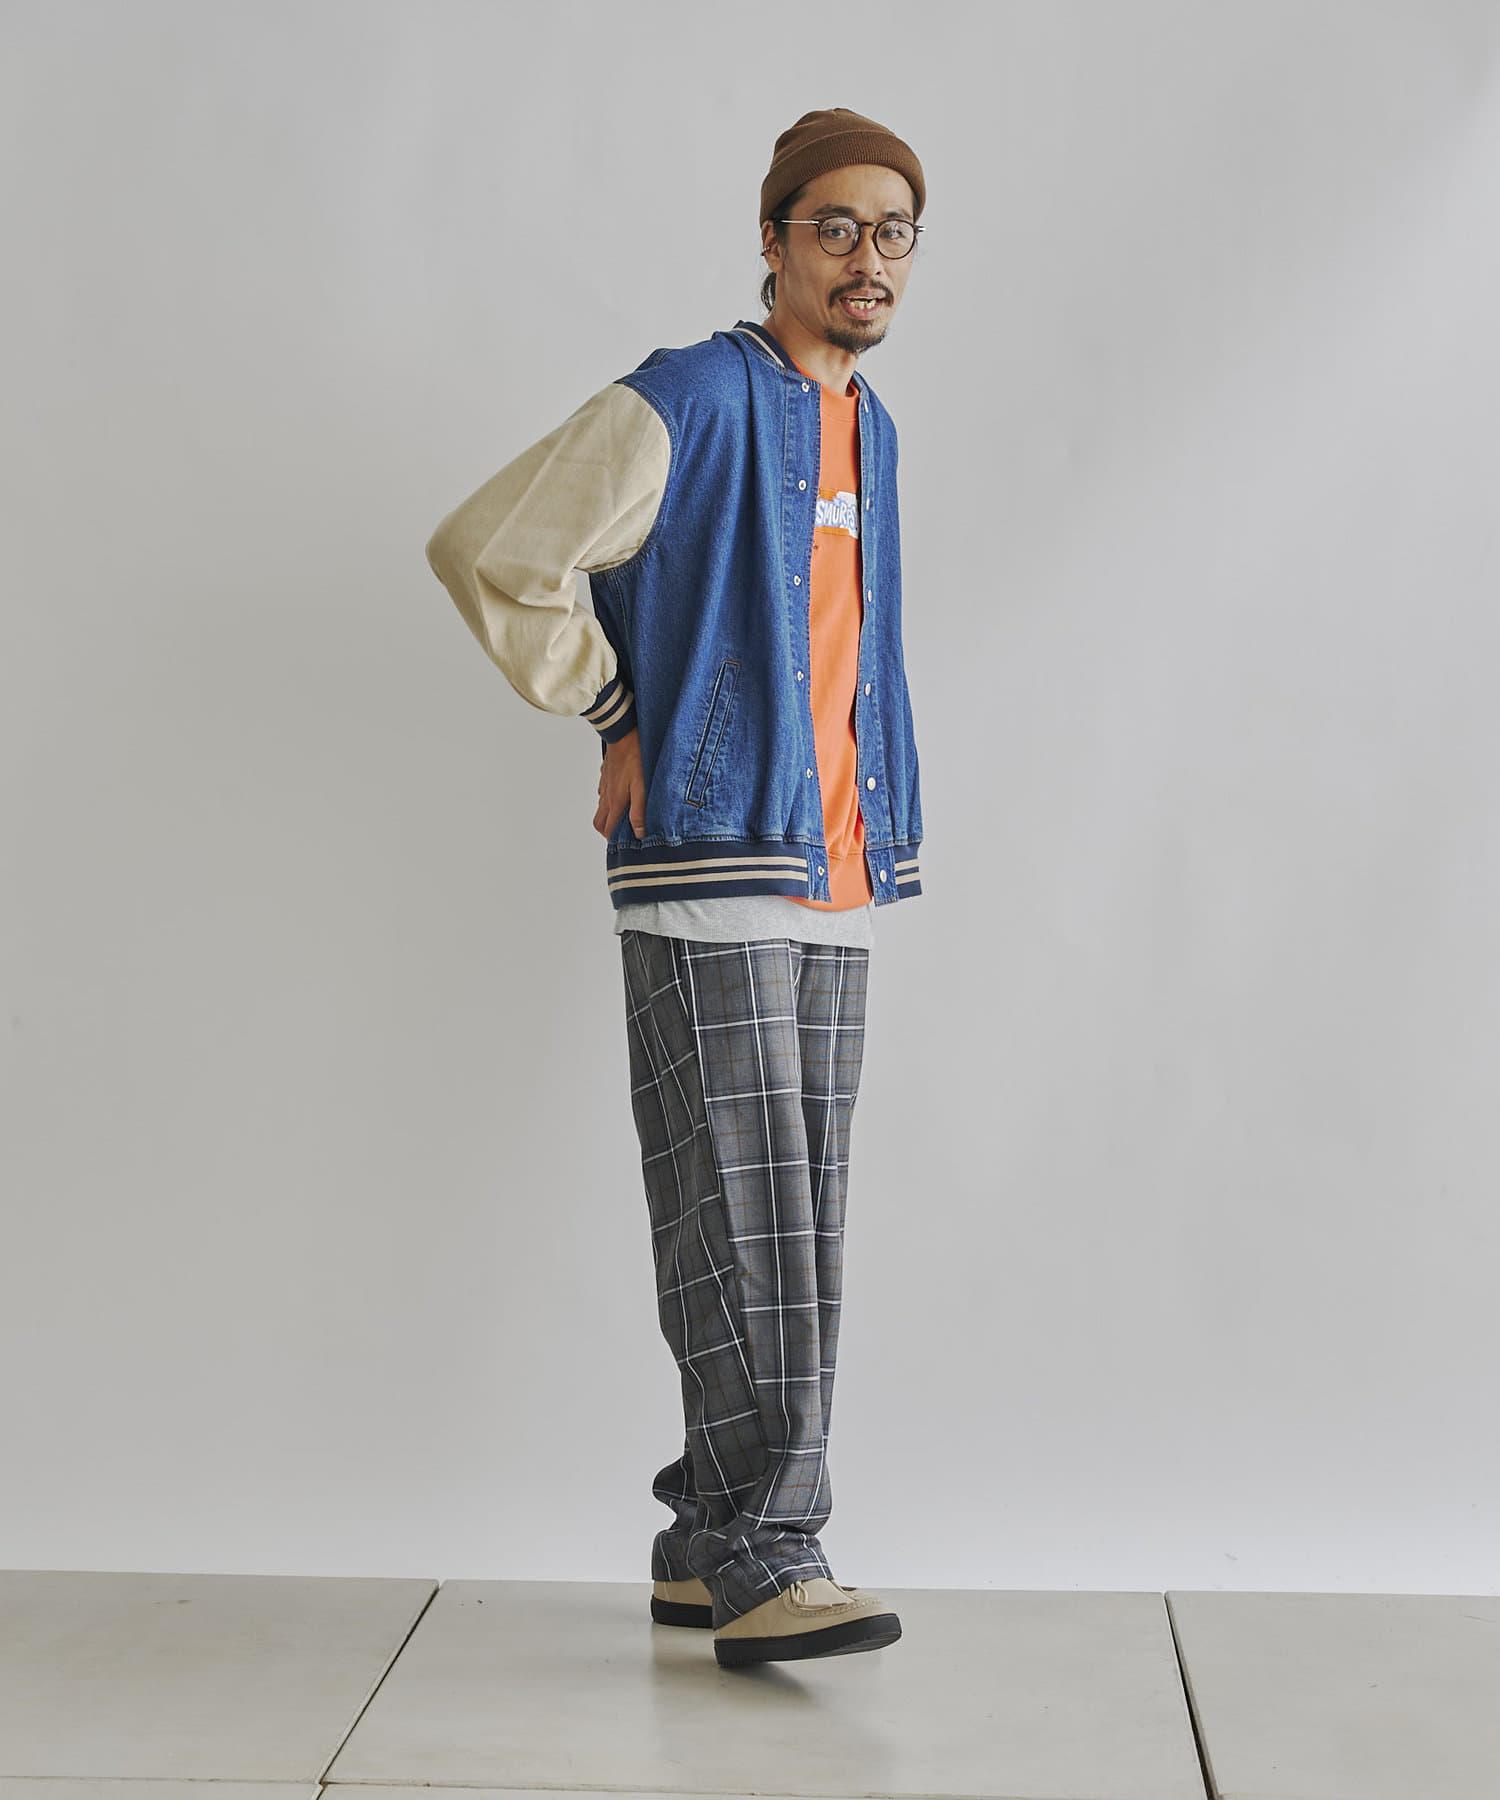 CPCM(シーピーシーエム) 袖切替デニムスタジャン